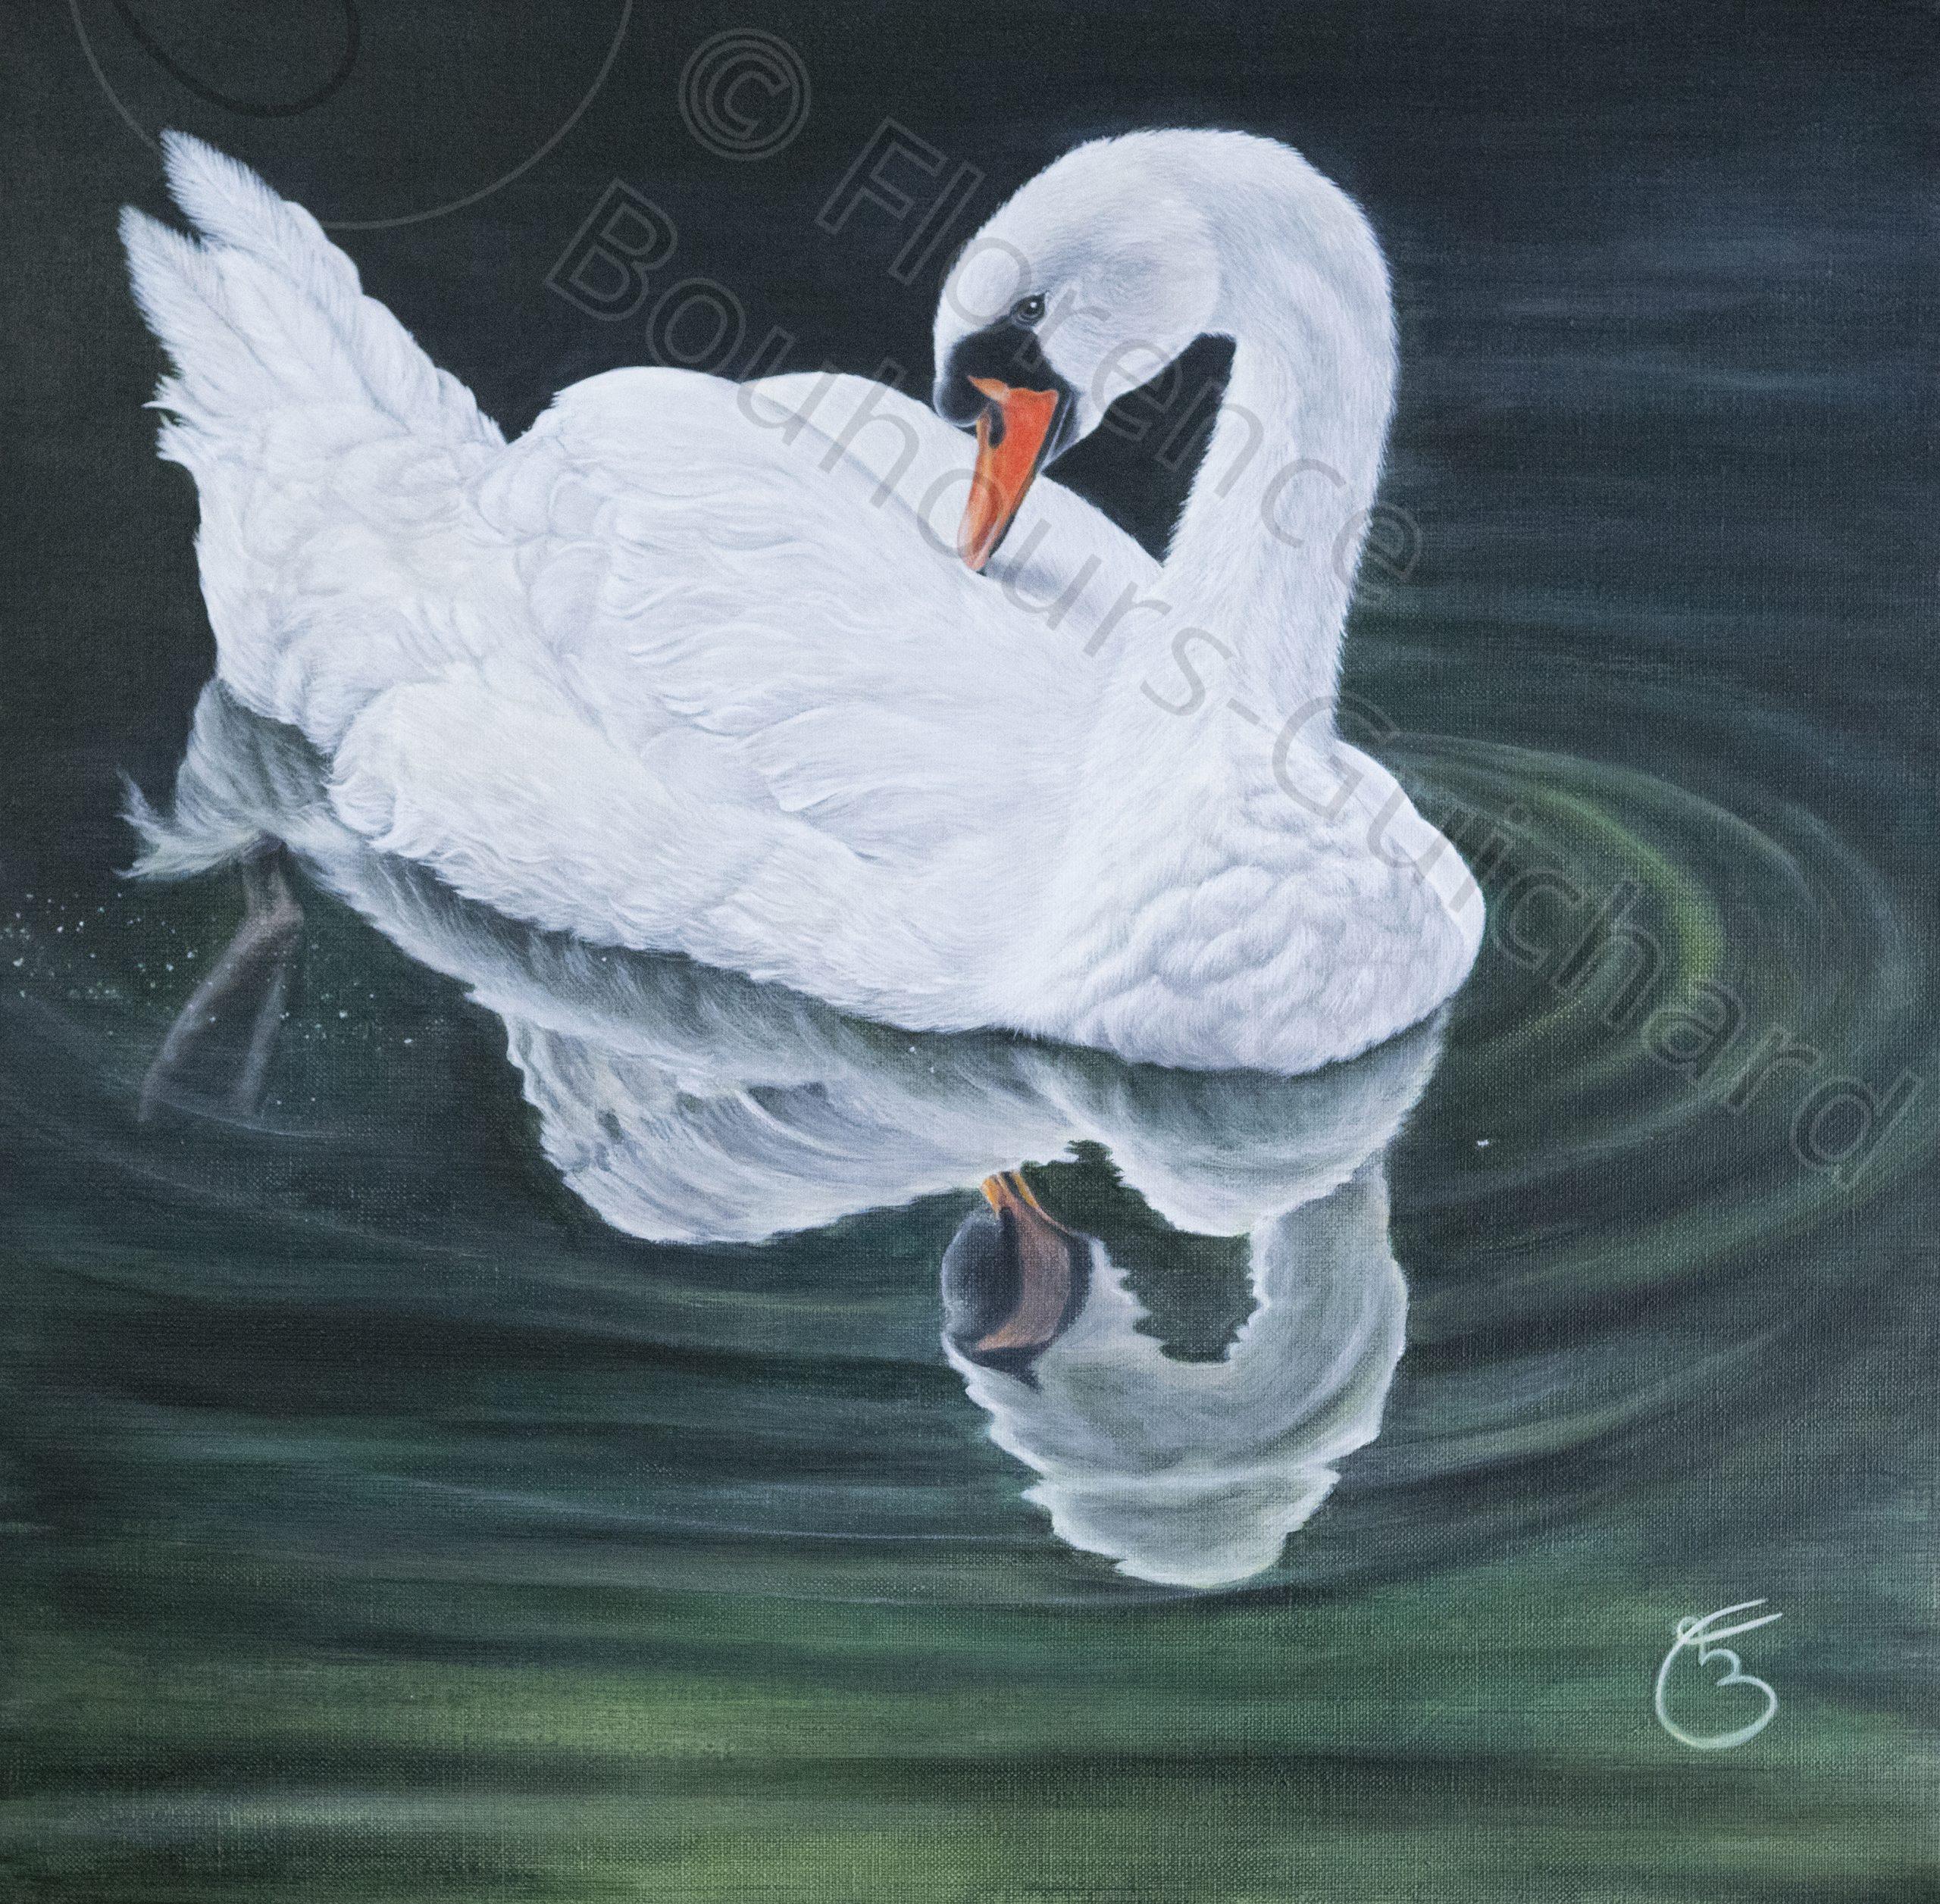 « Immaculée flottaison », acrylique sur toile 50x50 cm